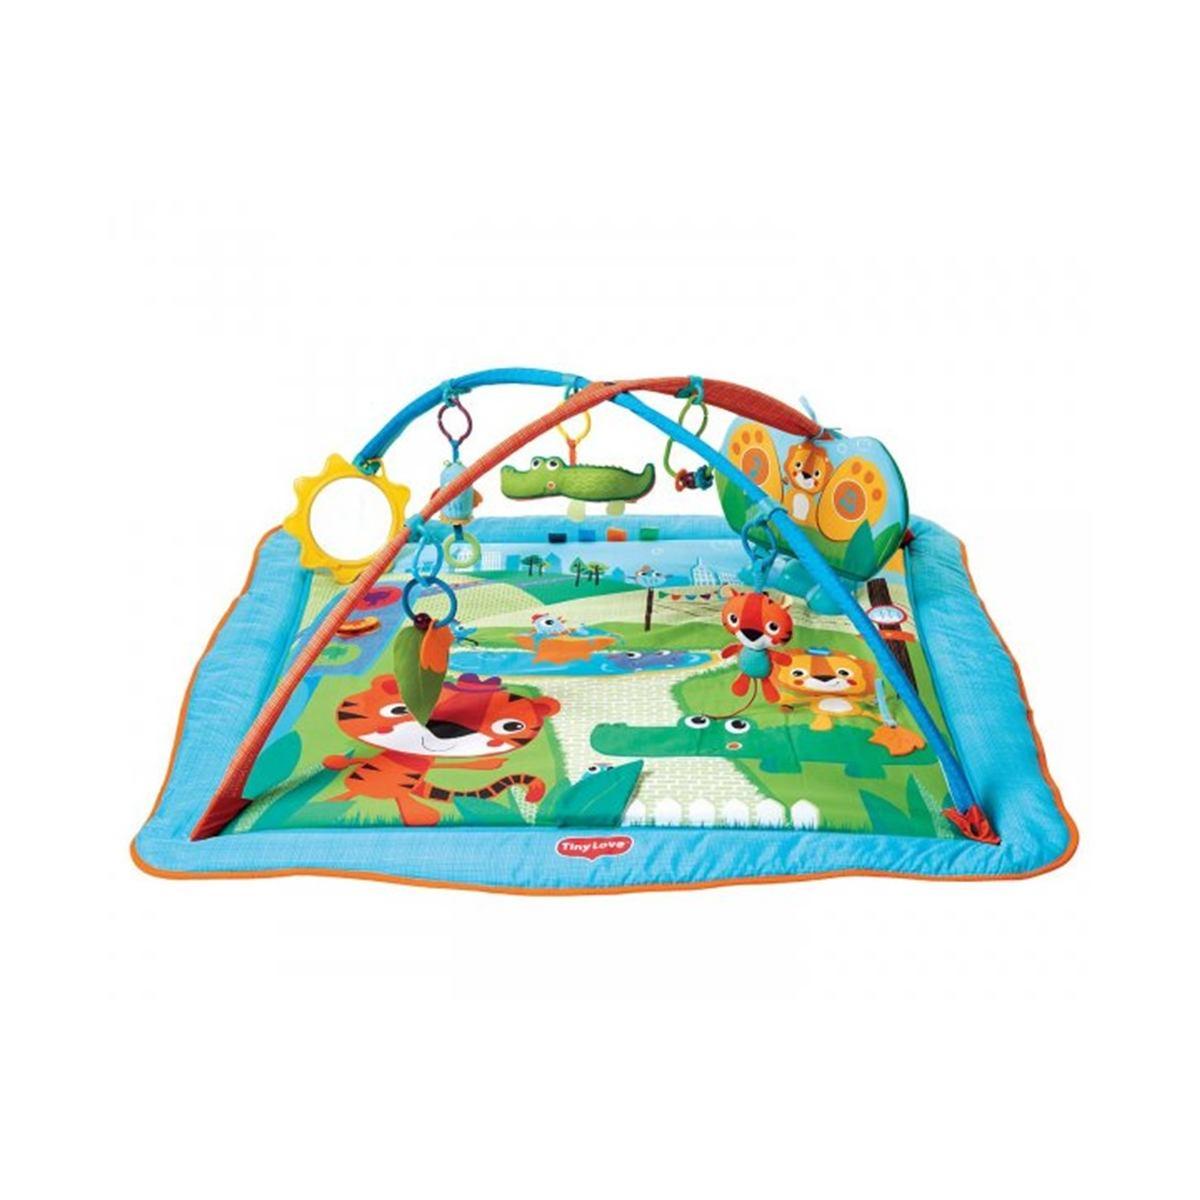 Развивающий коврик Tiny Love Сафари, с музыкальной панелью - Детские развивающие коврики для новорожденных, артикул: 152304